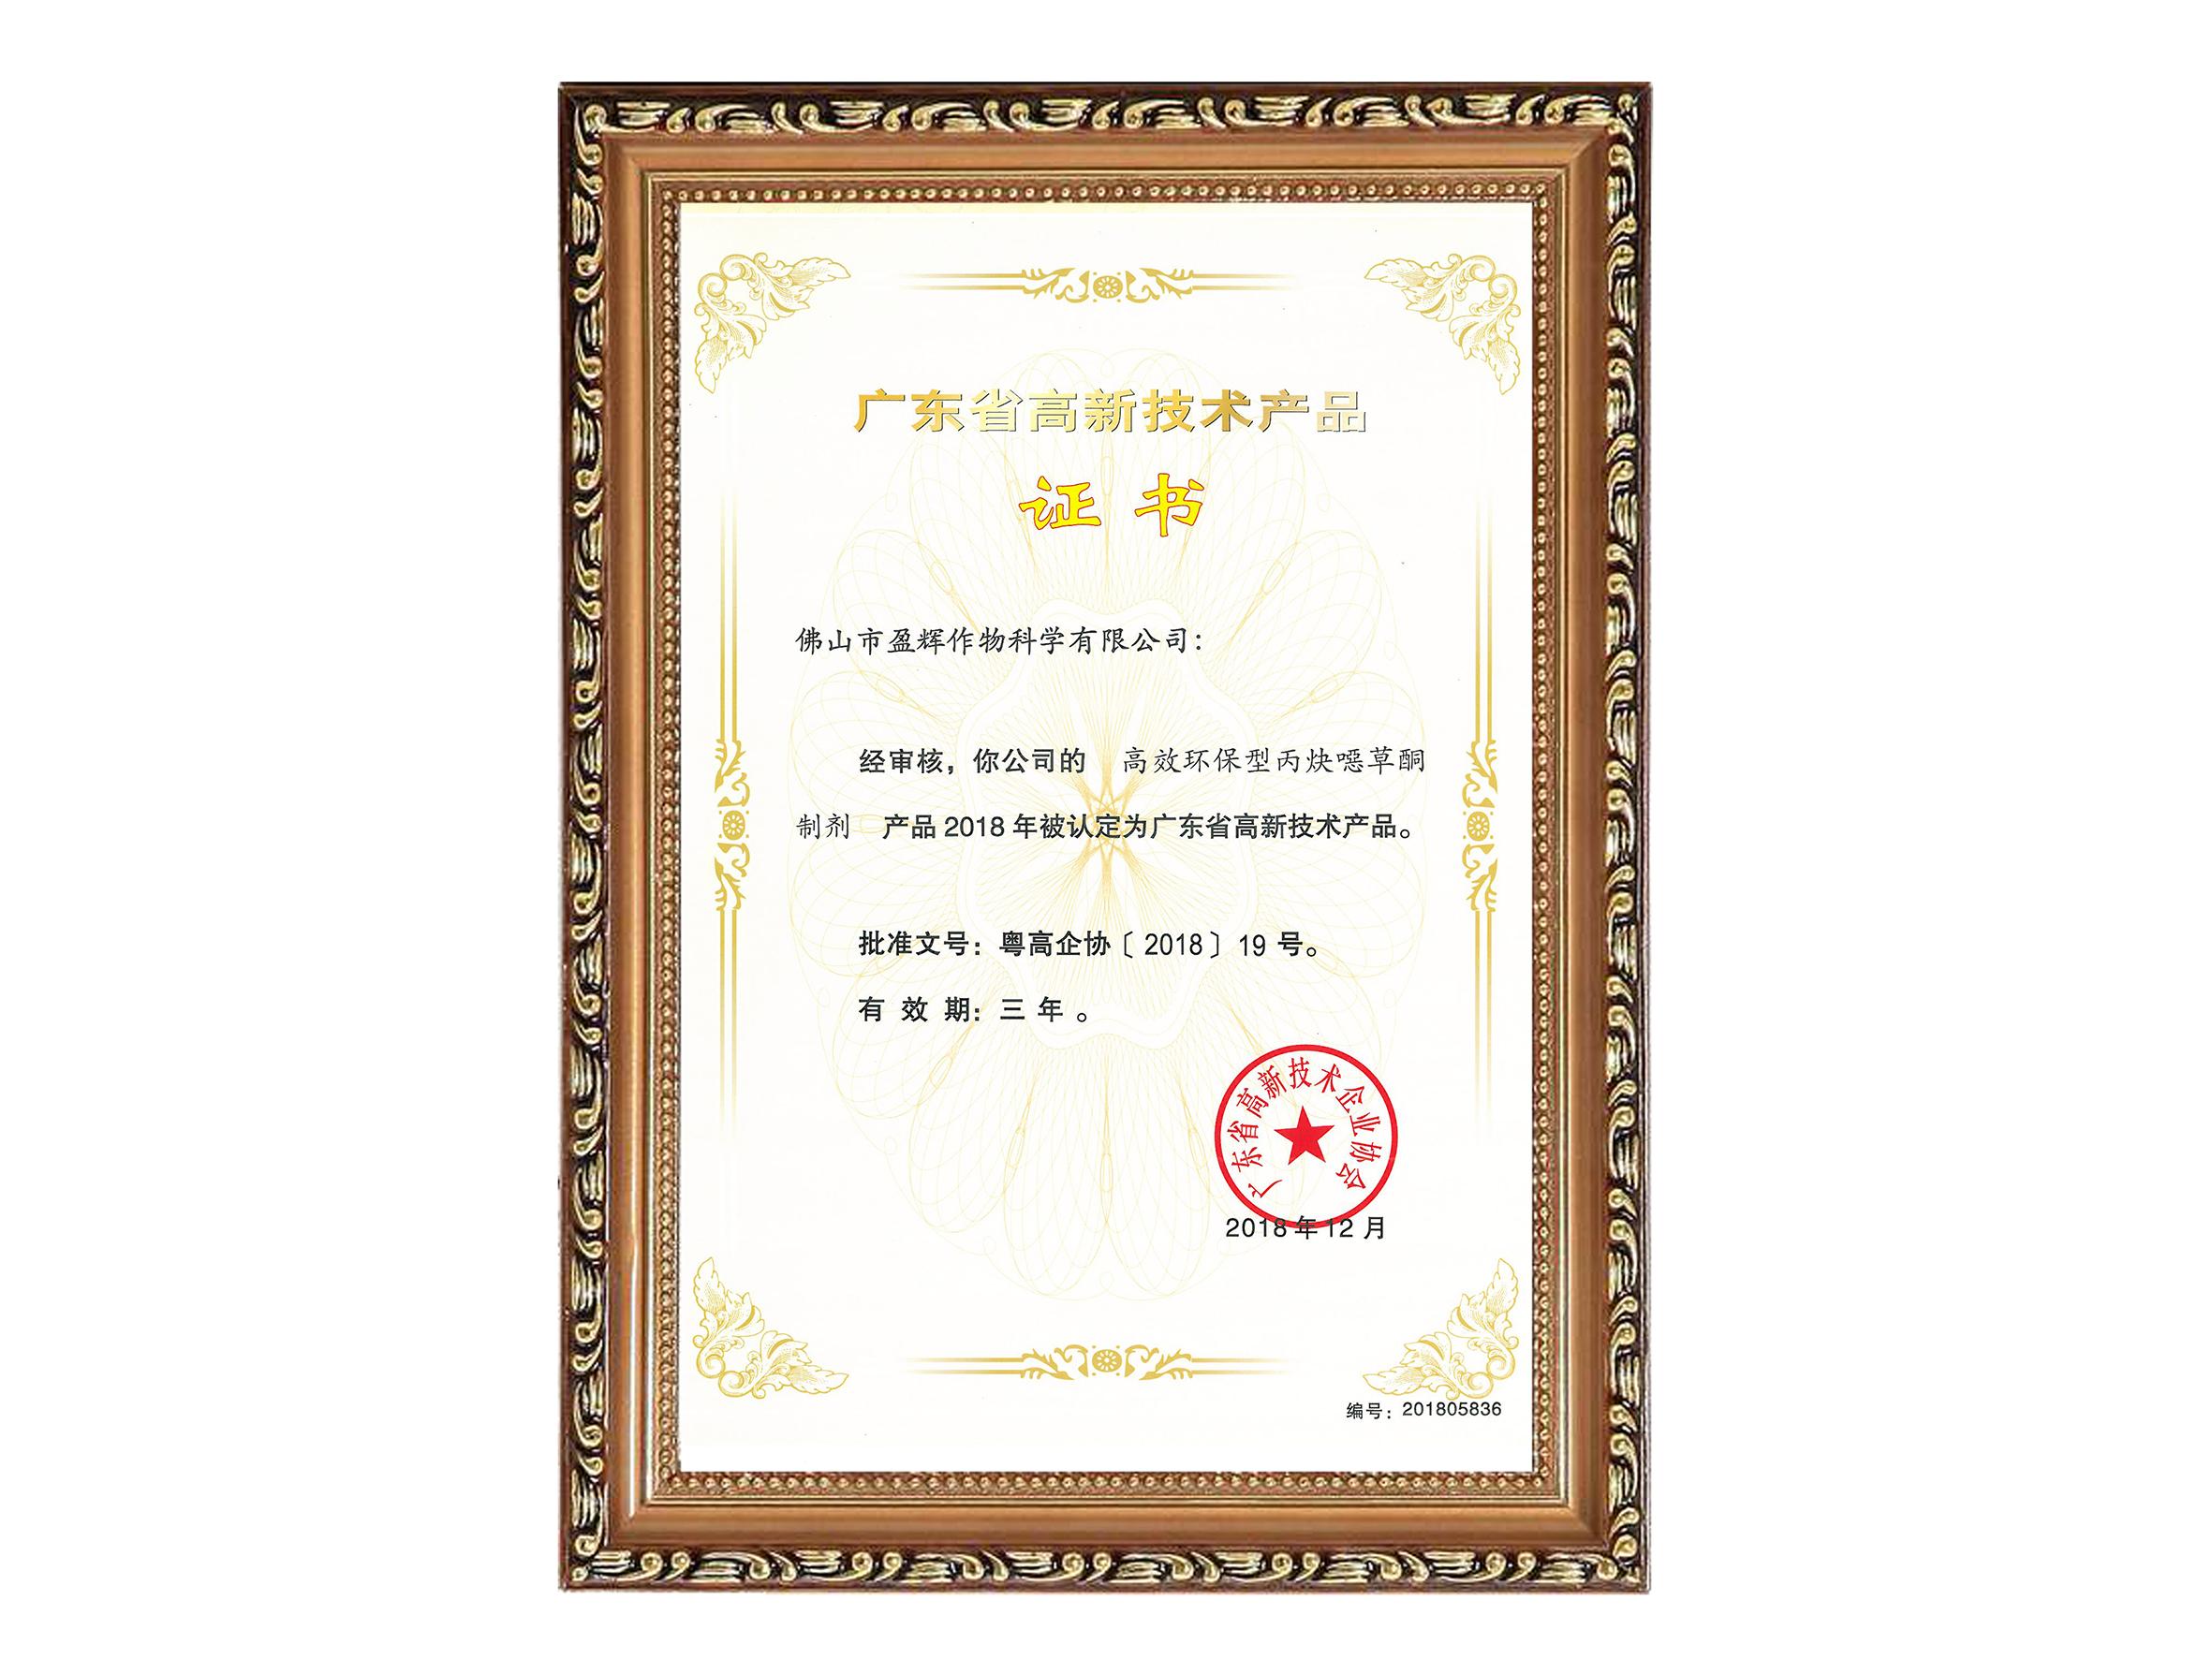 高效环保型丙炔噁草酮制剂-广东省高新技术产品(高企申报用)2018